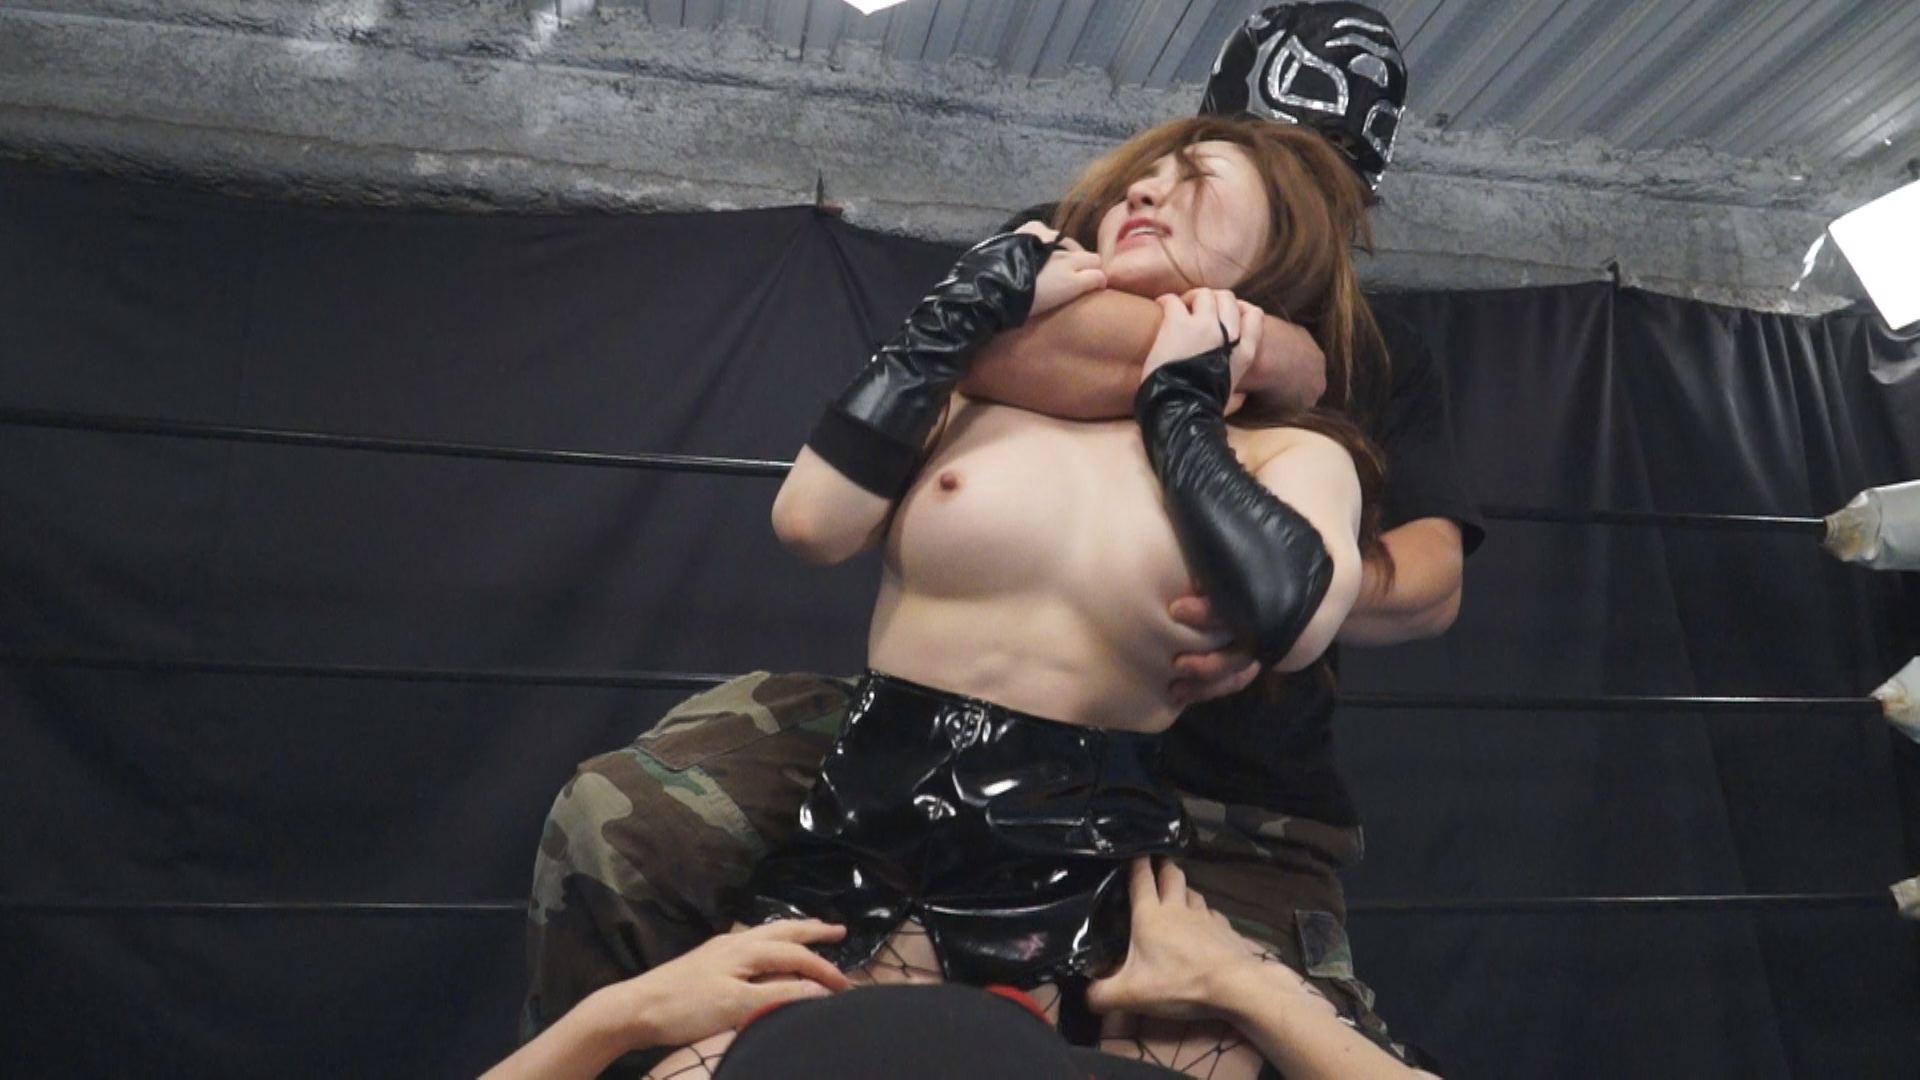 DESTROY女子プロレスラー破壊 #0005 サンプル画像10